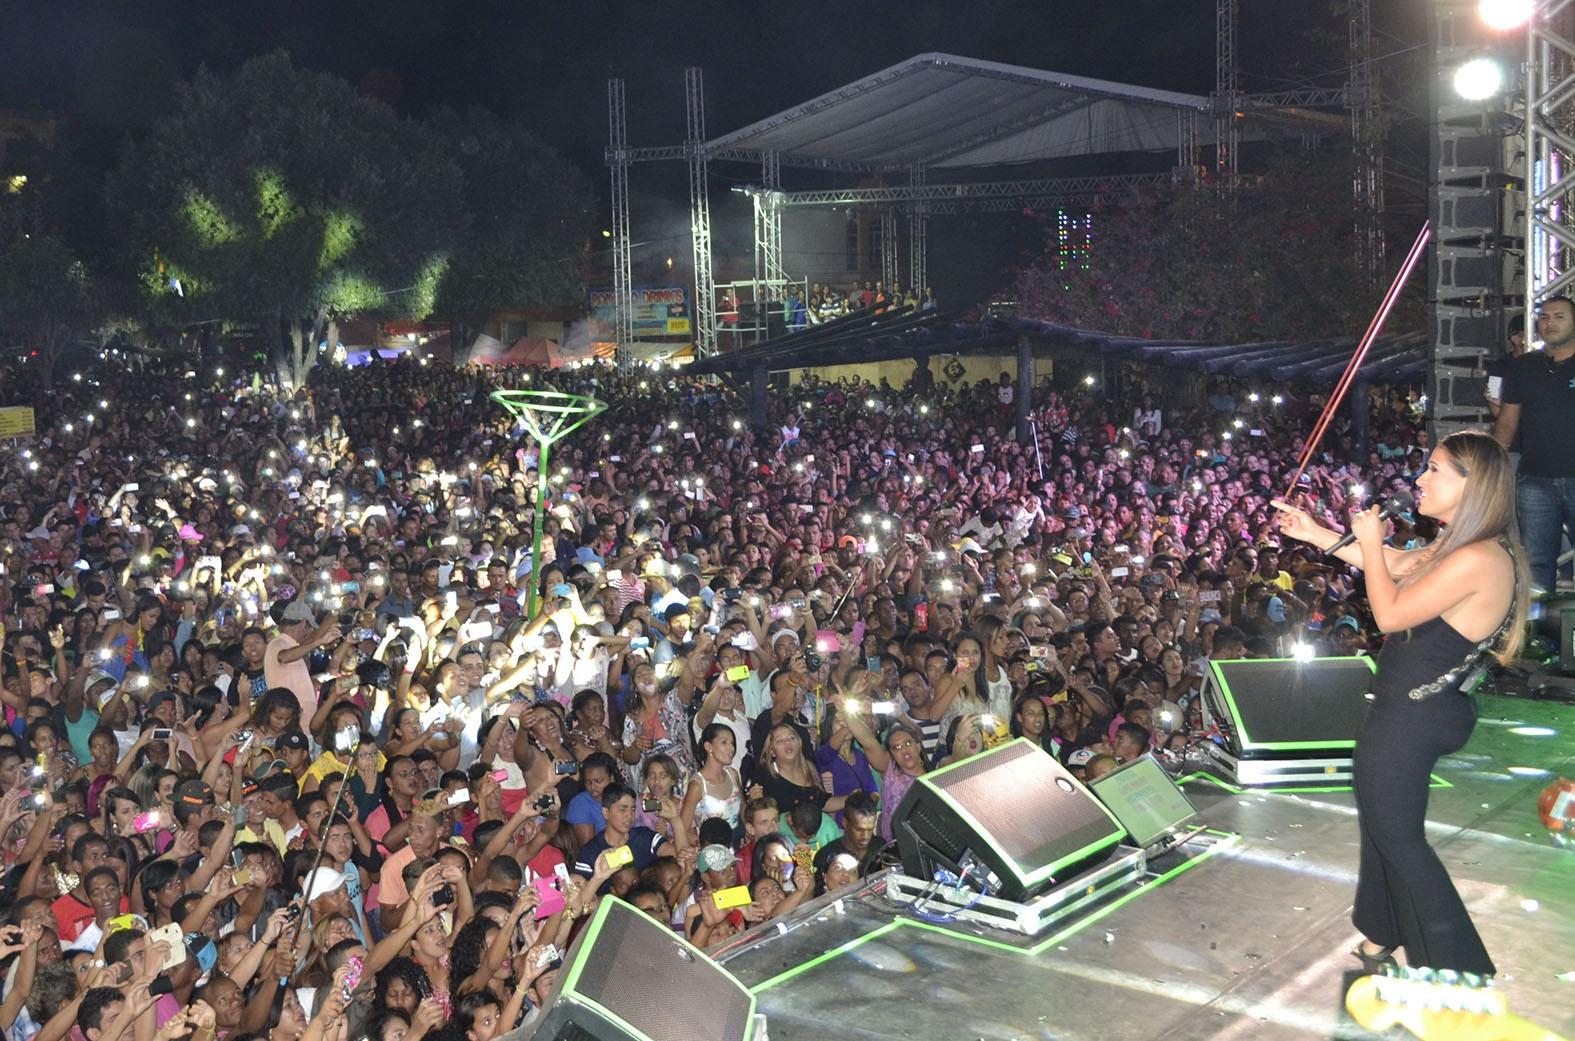 Os shows na praça comandaram a festa (Foto: Divulgação)